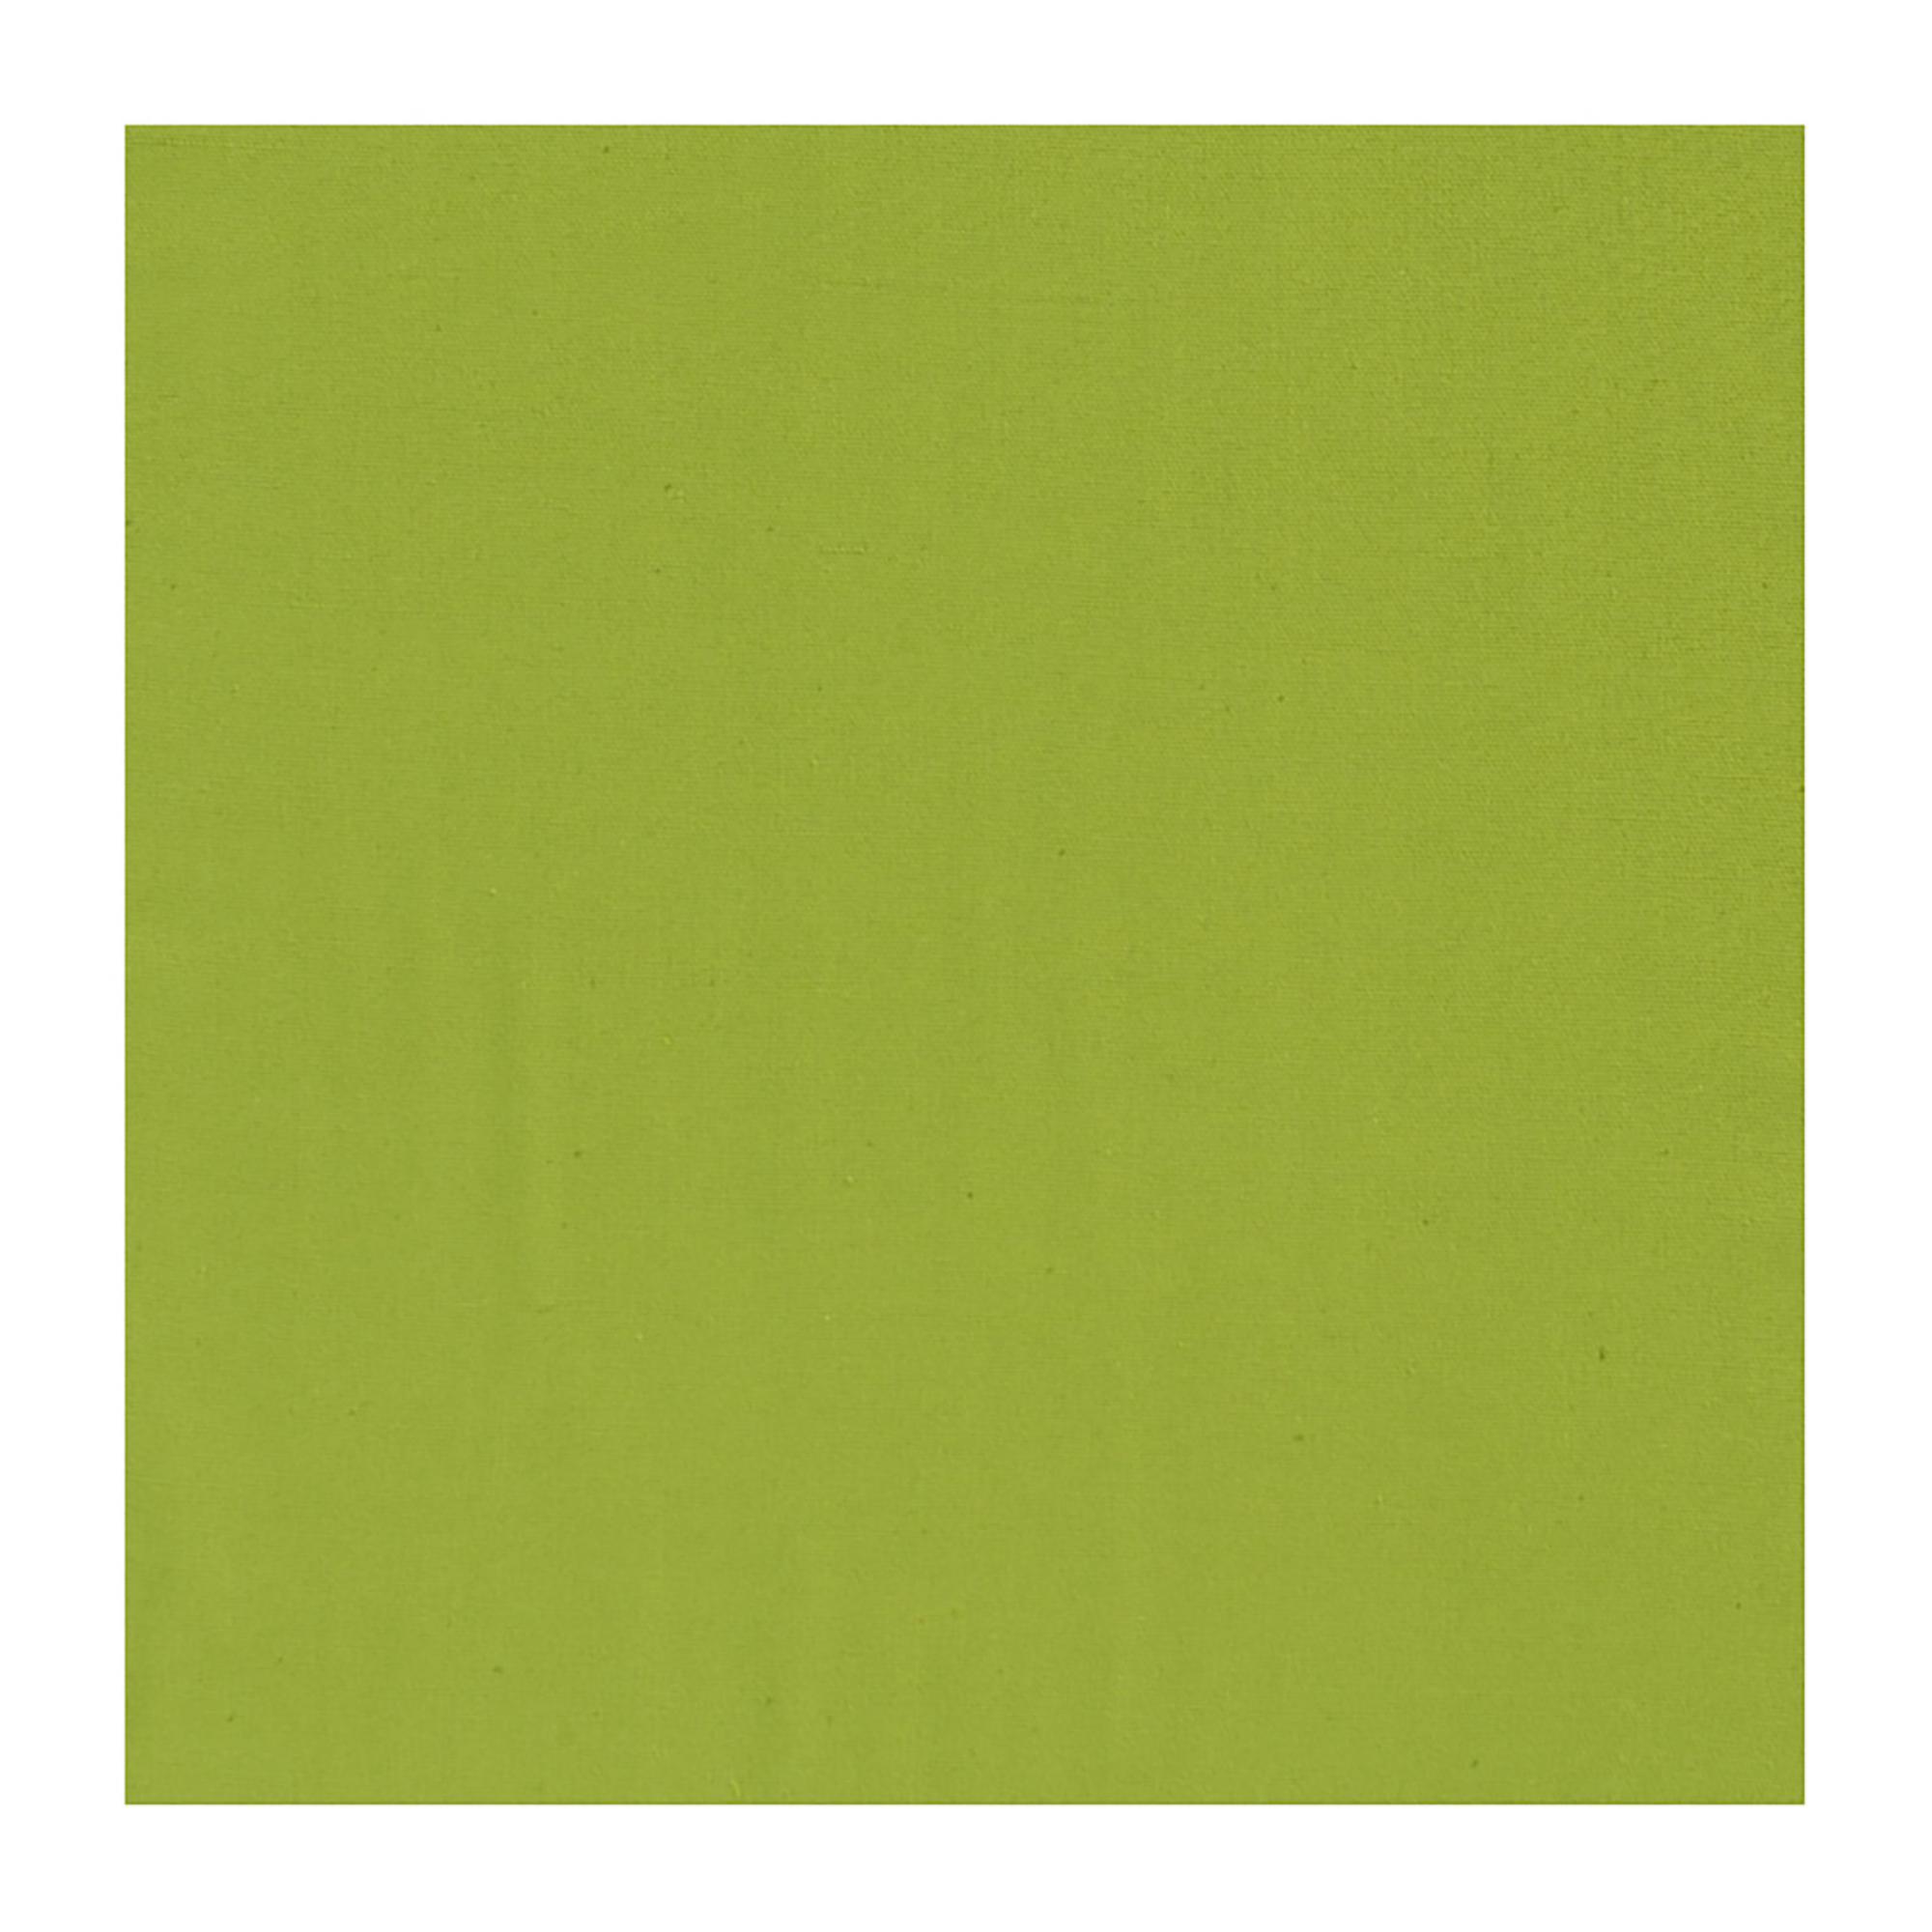 Serviette de Table Unie en coton vert kiwi 50 x 50